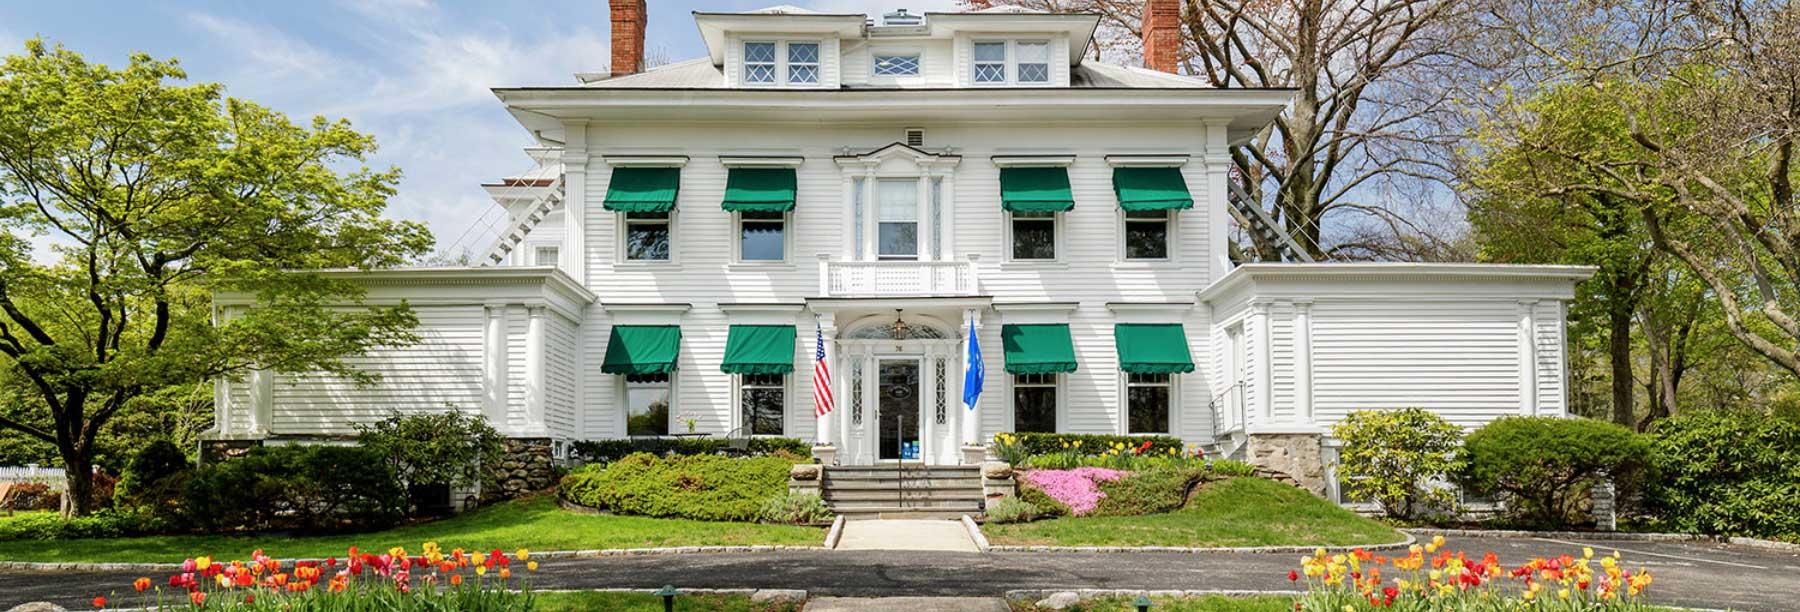 facade-stanton-house-inn.jpg